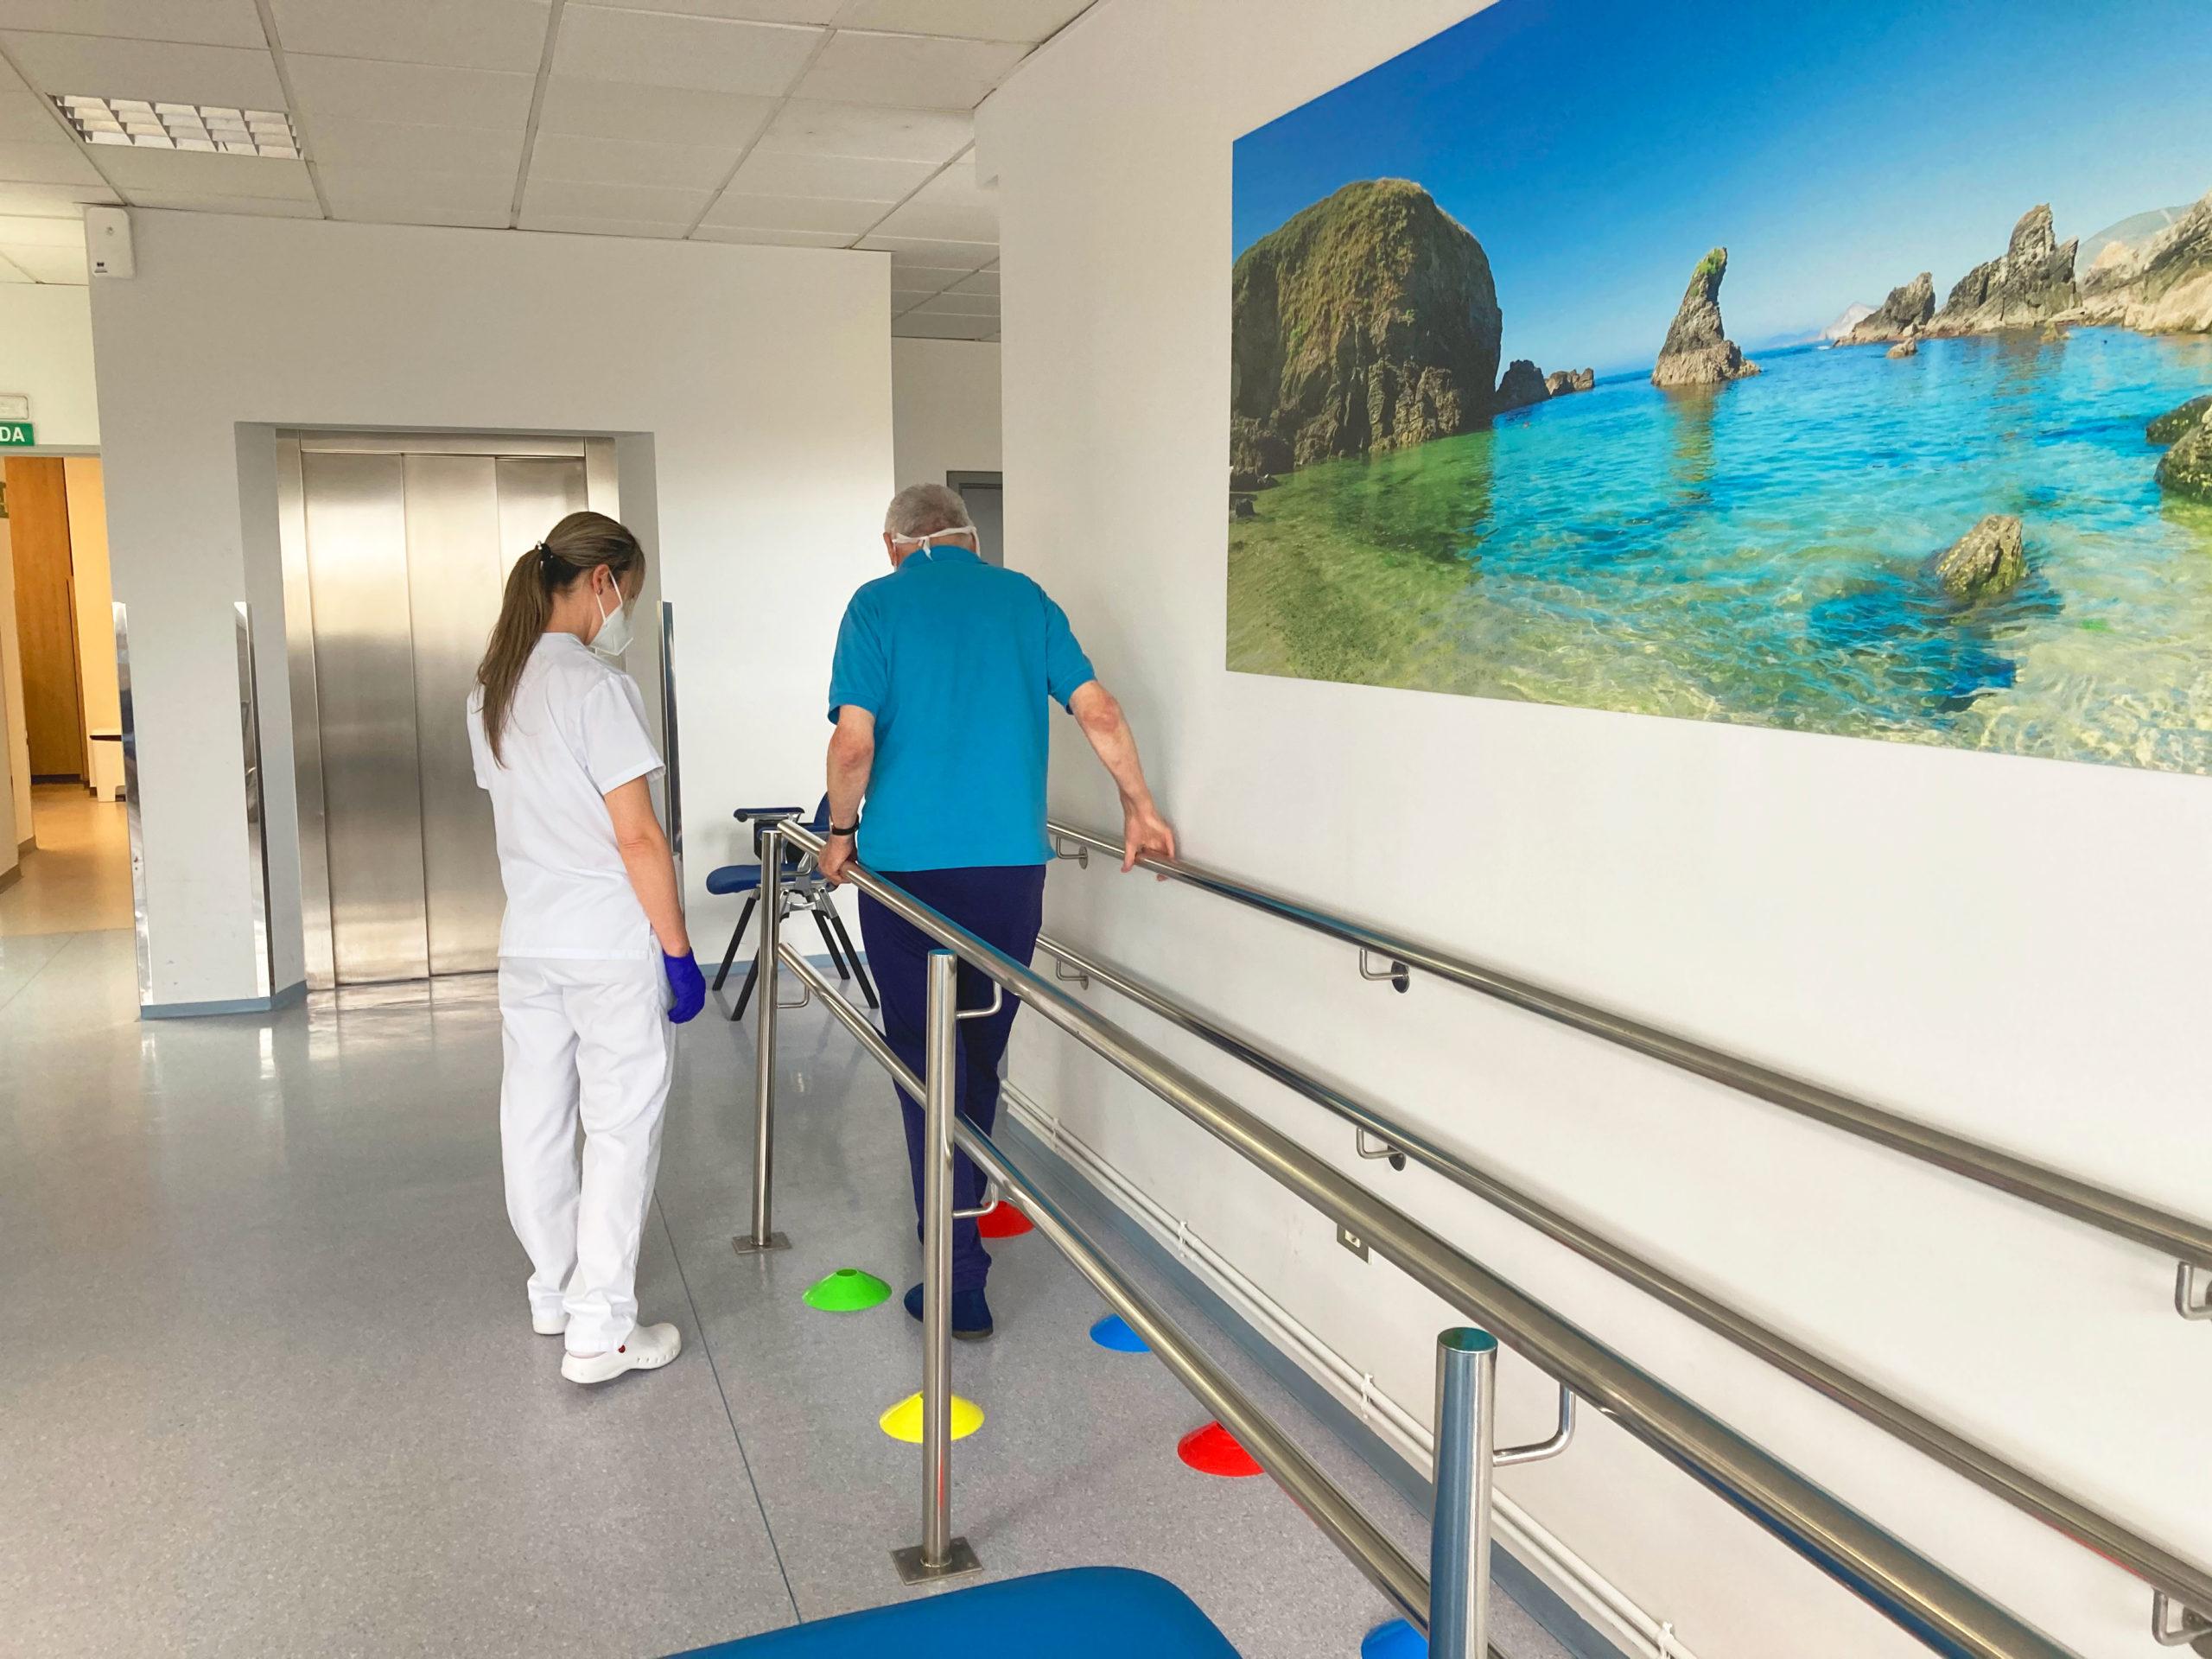 Grupo Ribera incorpora nuevos servicios en sus hospitales Ribera Polusa y Ribera Santa Justa